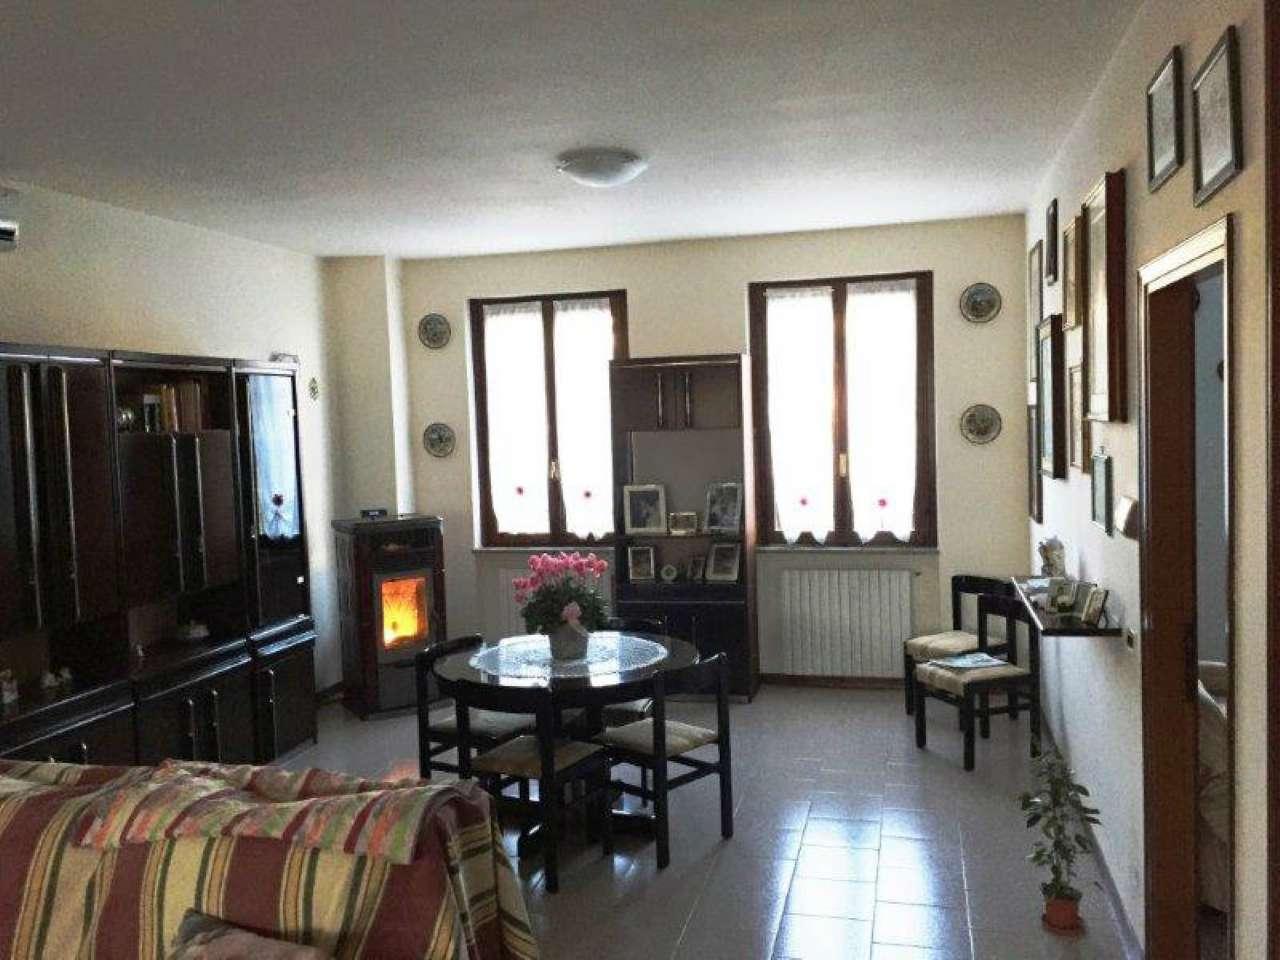 Rustico / Casale in vendita a Crema, 5 locali, prezzo € 250.000 | CambioCasa.it